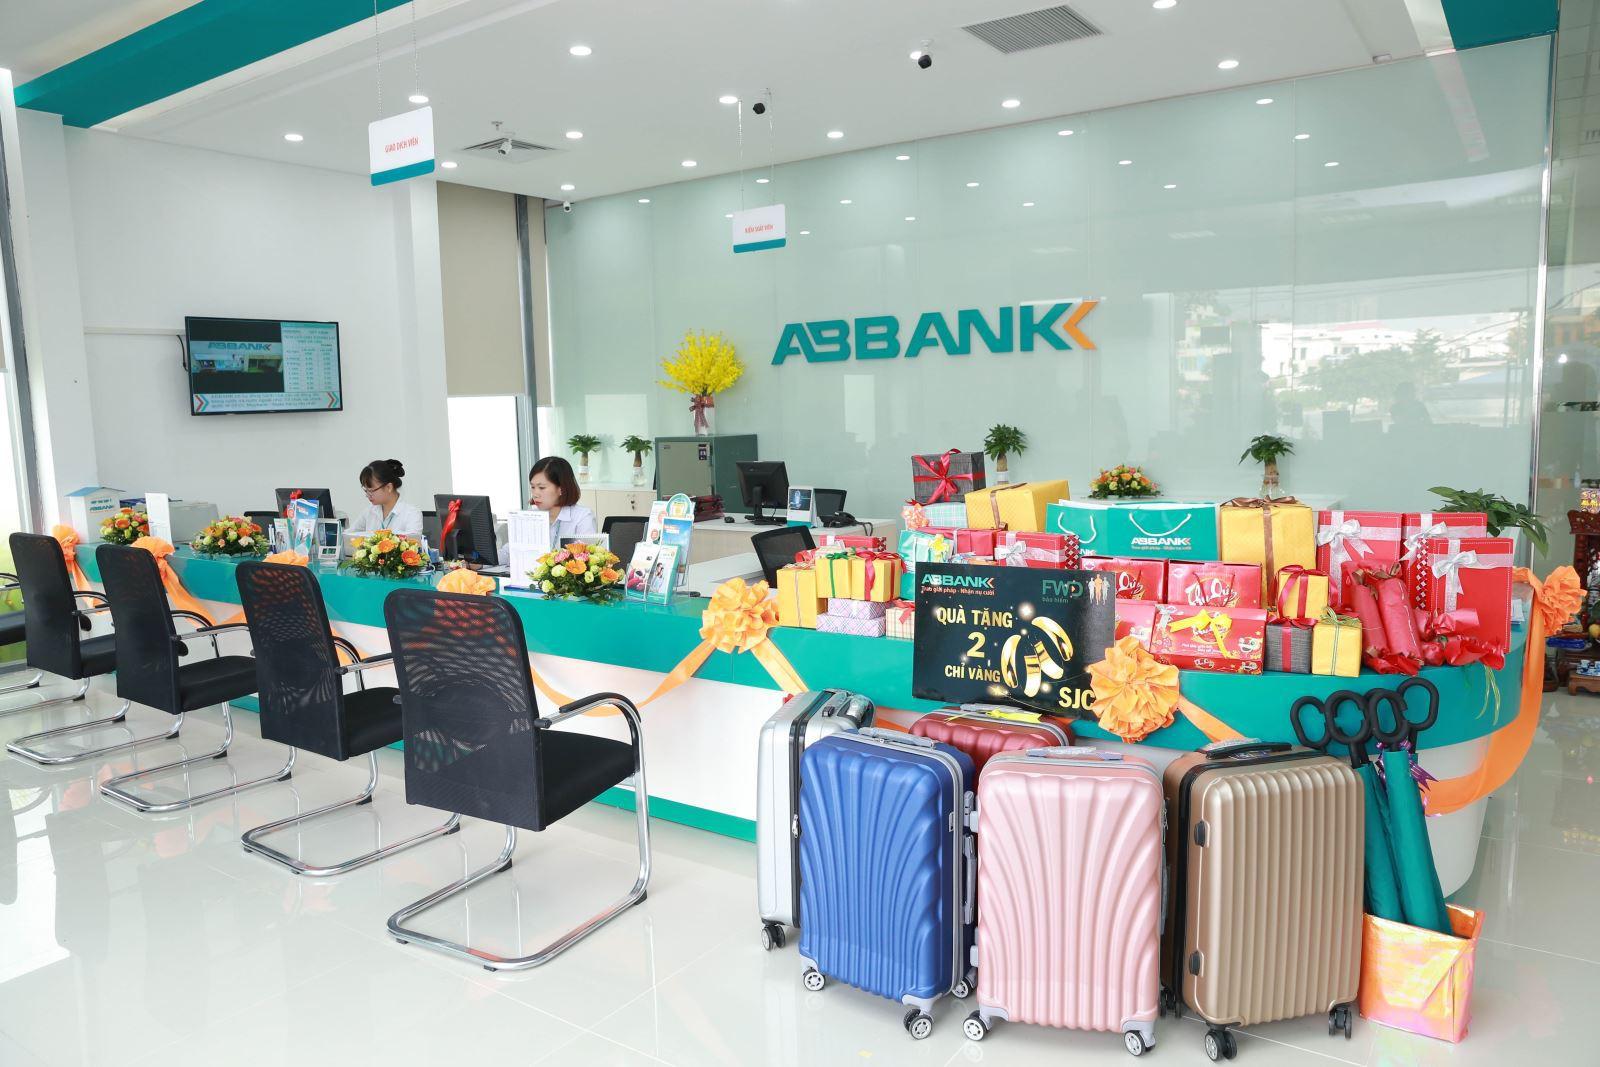 Lãi suất ngân hàng ABBank mới nhất tháng 9/2019  - Ảnh 1.